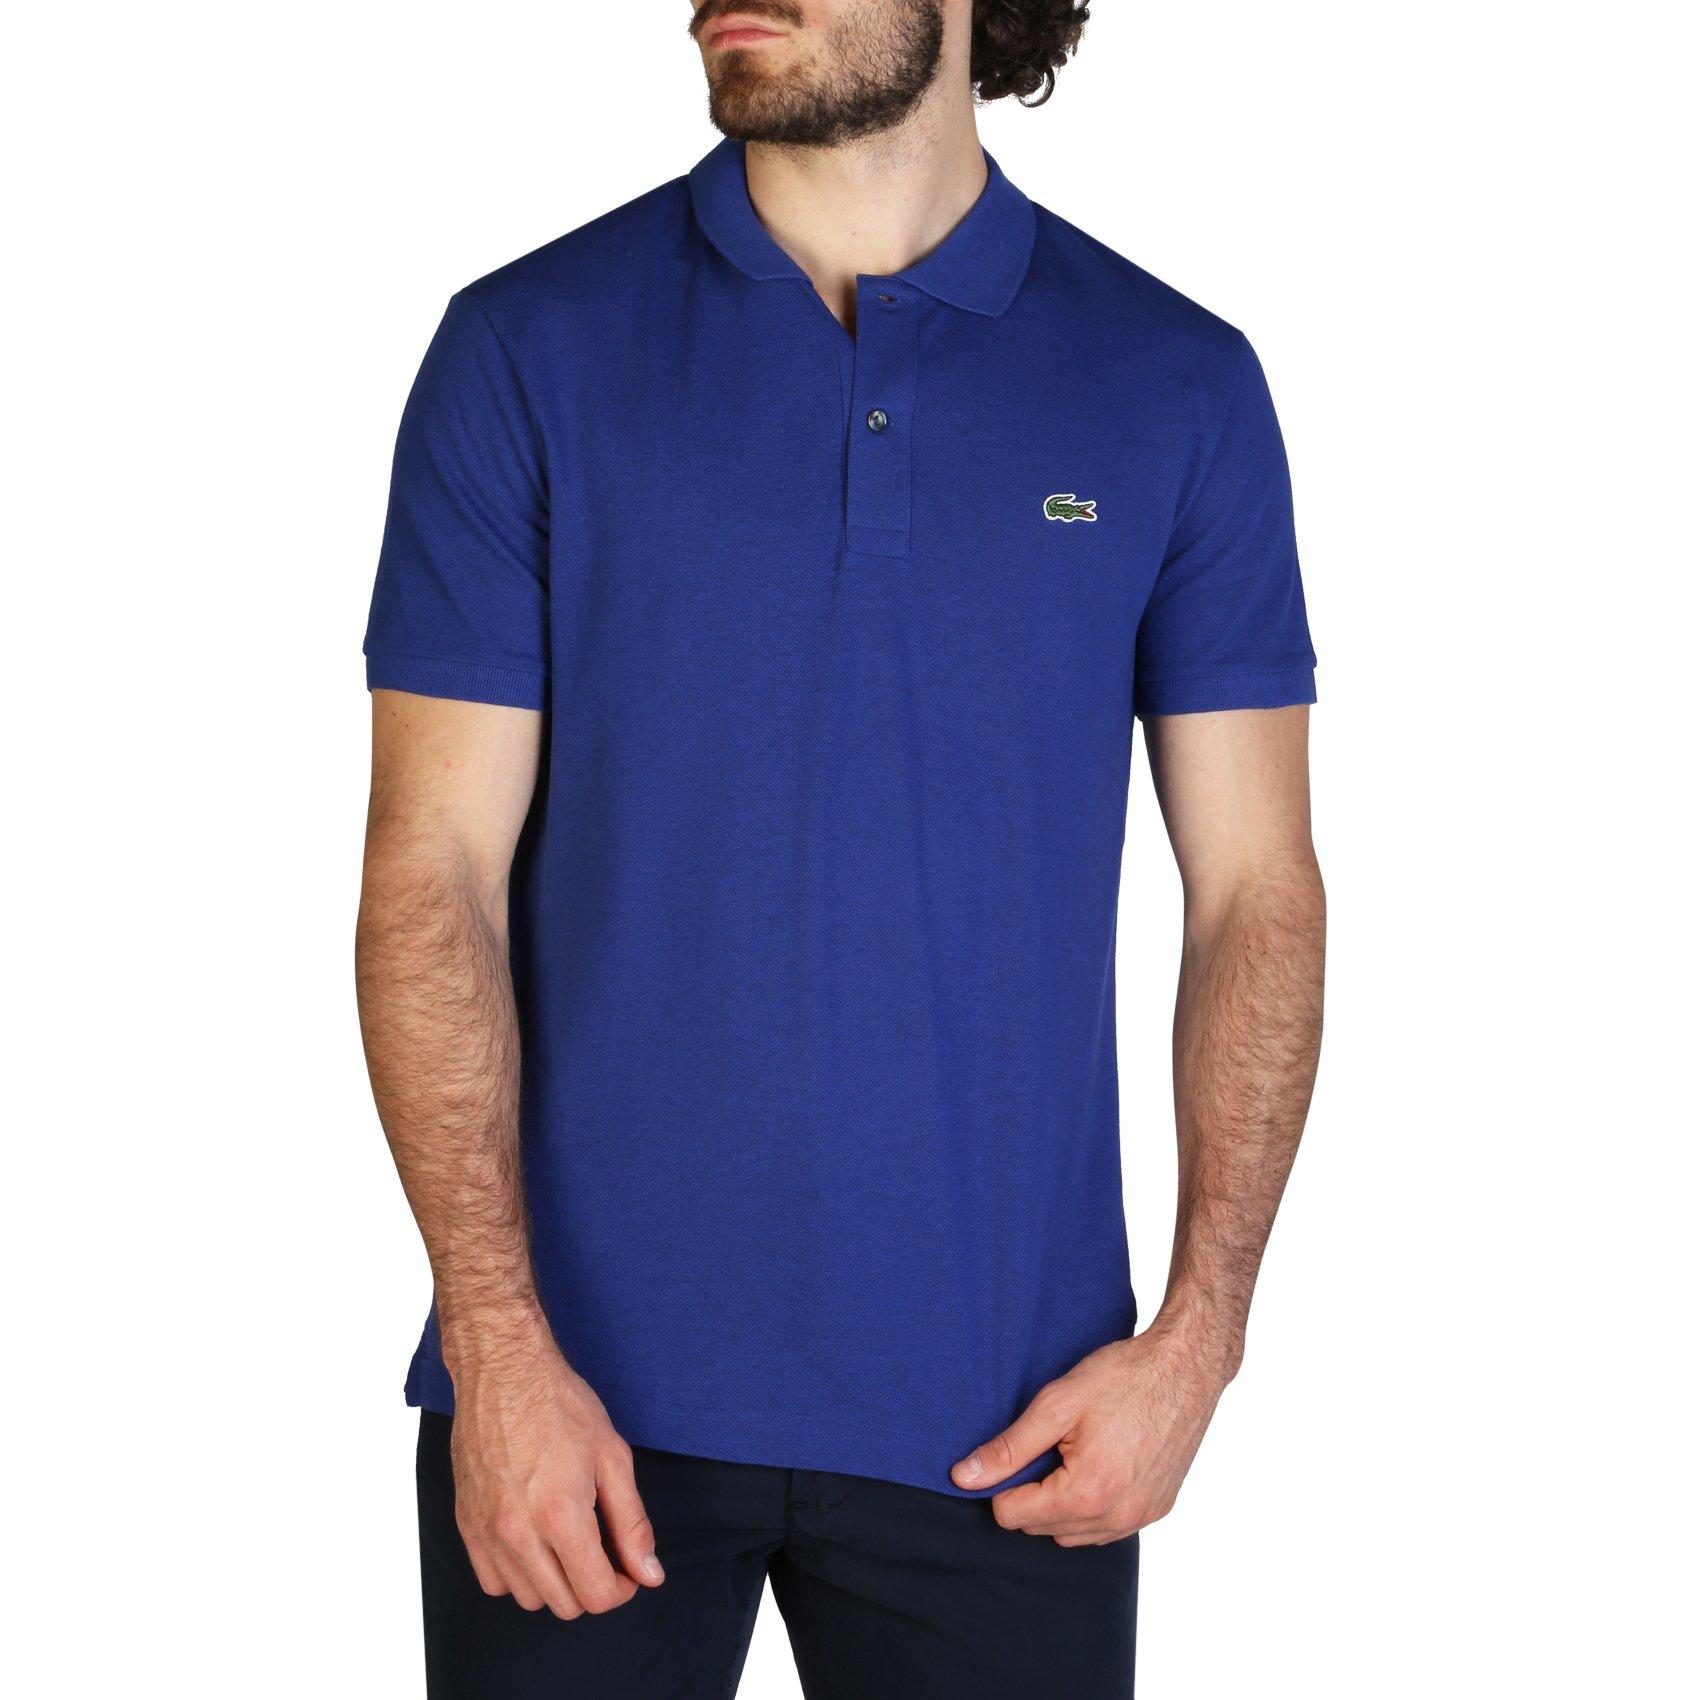 Lacoste Men's Polo Shirt Various Colours PH4012_SLIM - blue-4 S